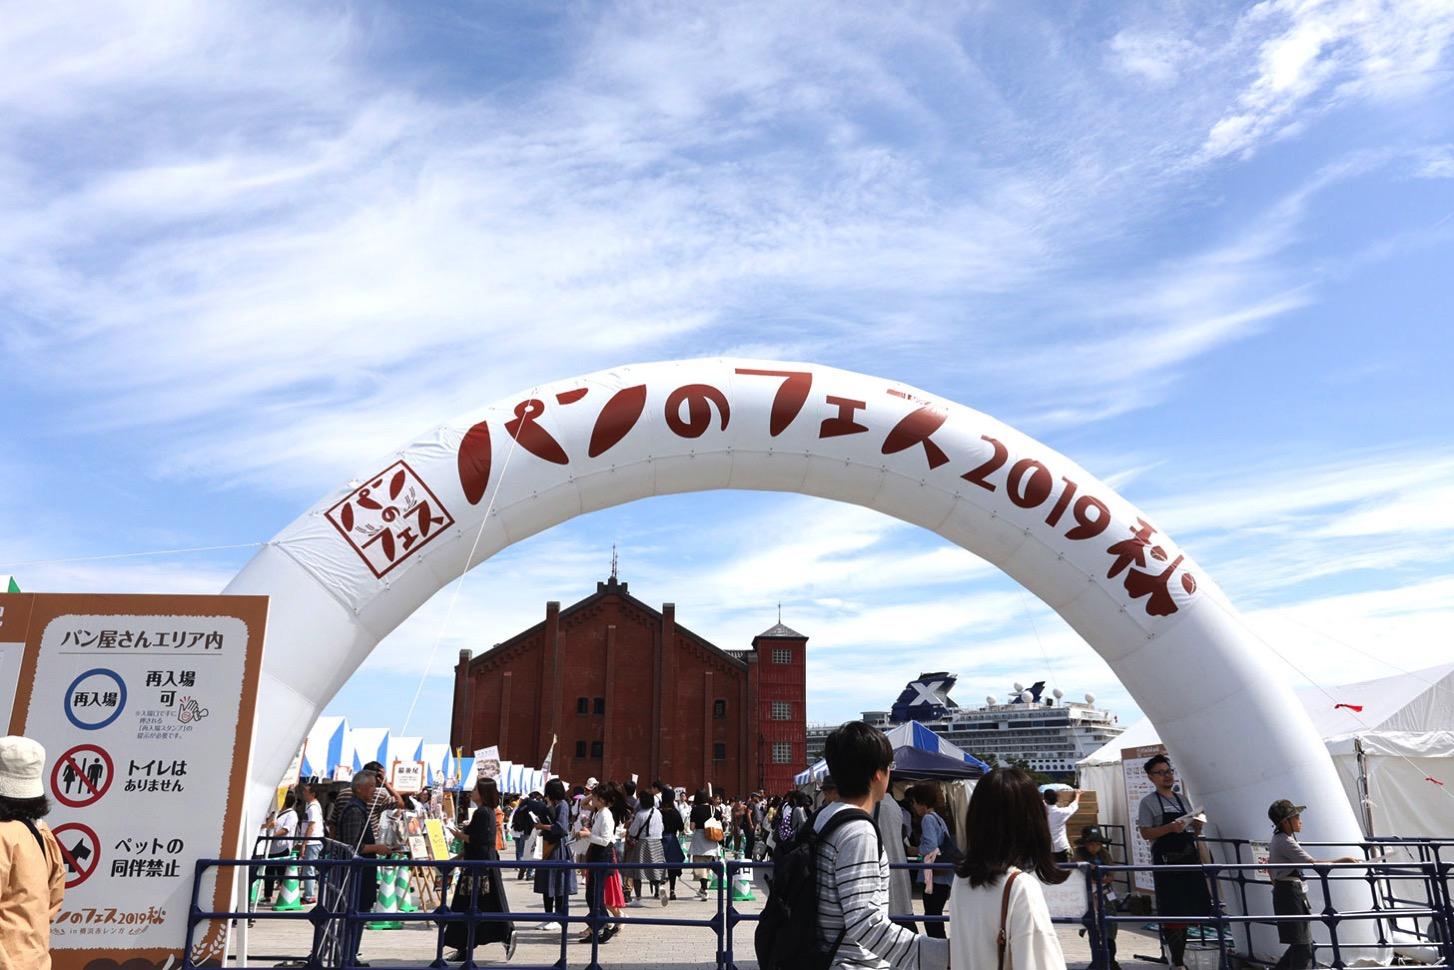 パンのフェス2020春 in 横浜赤レンガ、3月6日より開催!日本最大級のパンの祭典